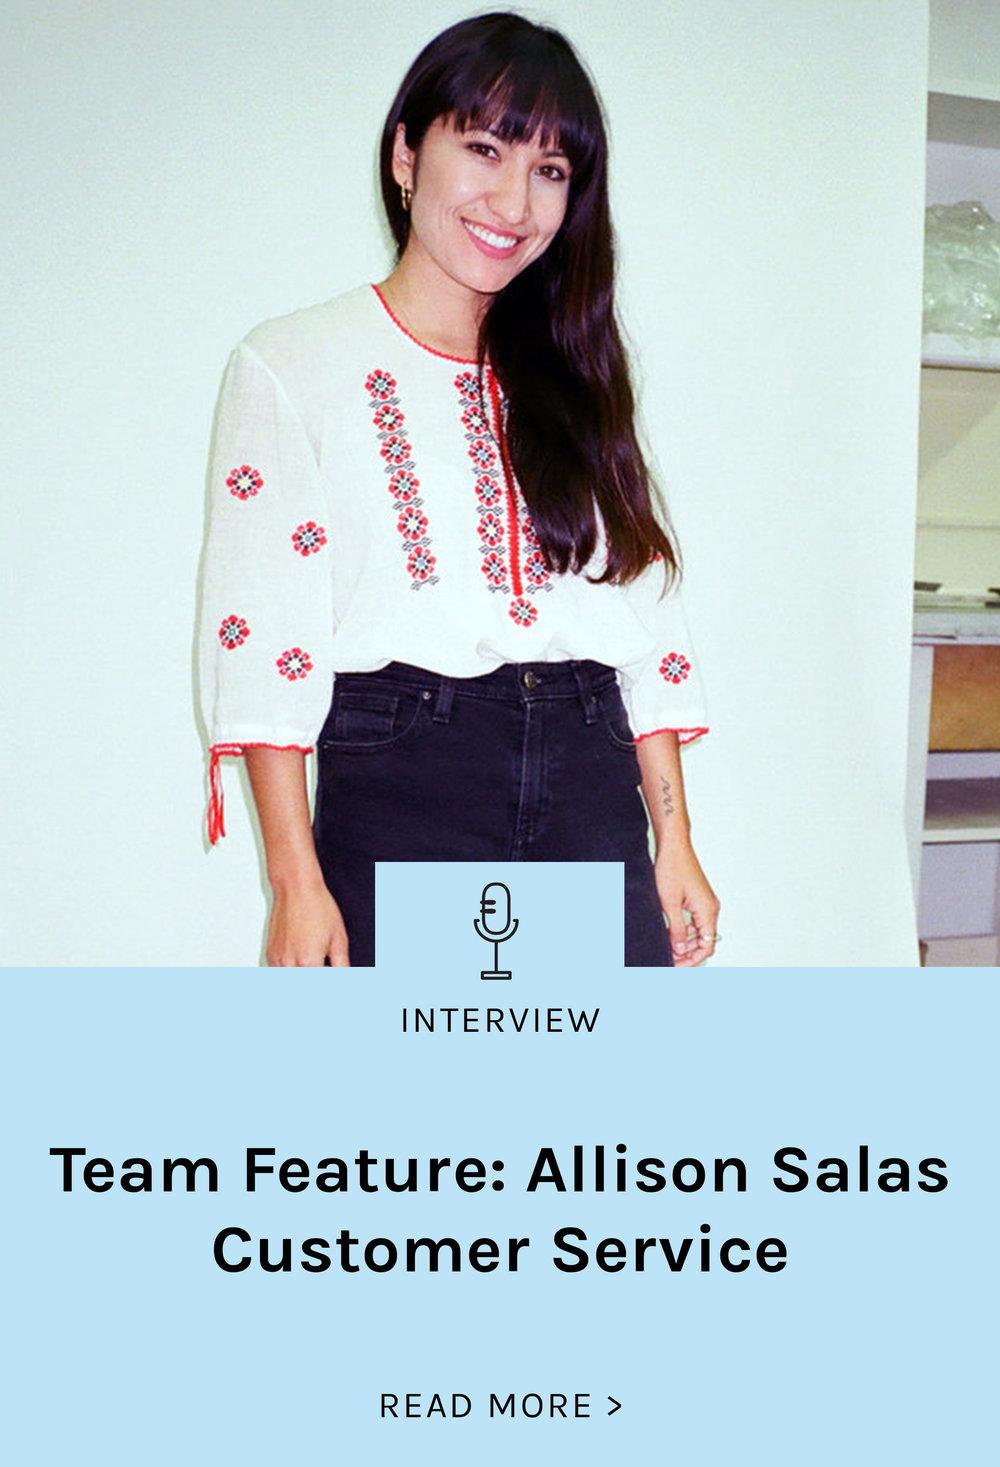 Team-Feature-Allison-Salas-Interview-BlogLanding.jpg